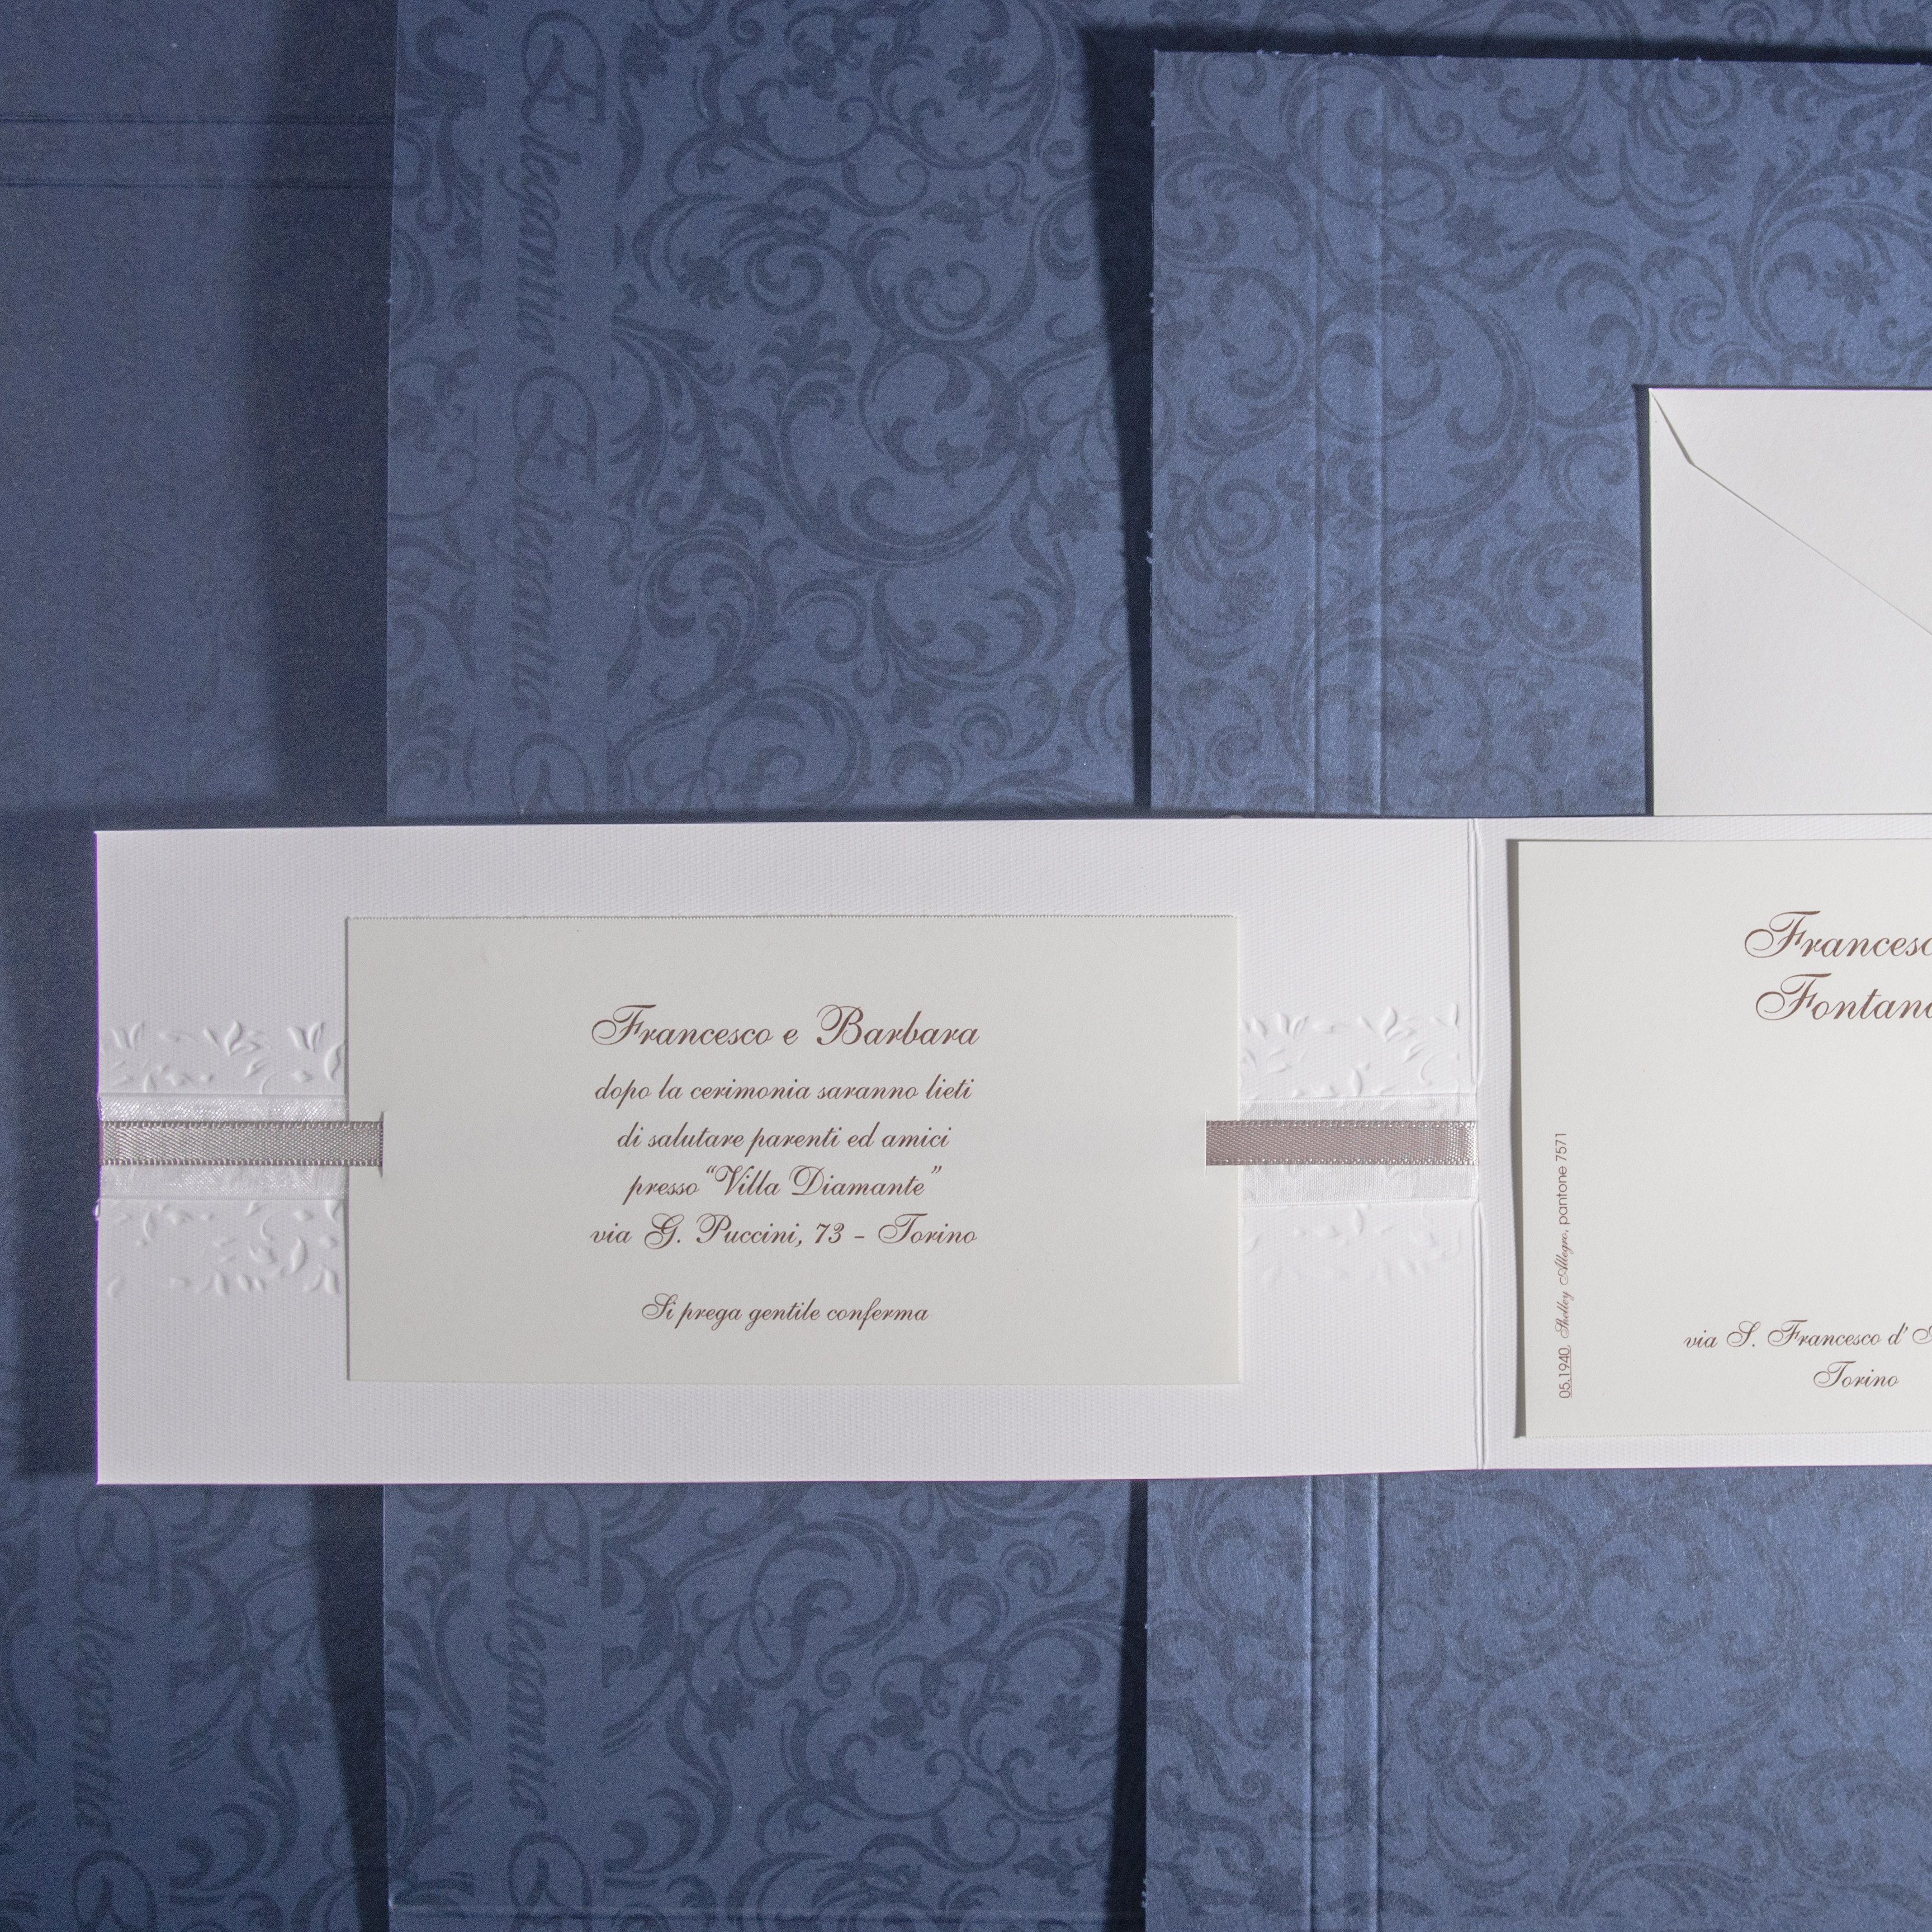 partecipazione di matrimonio 05-1940